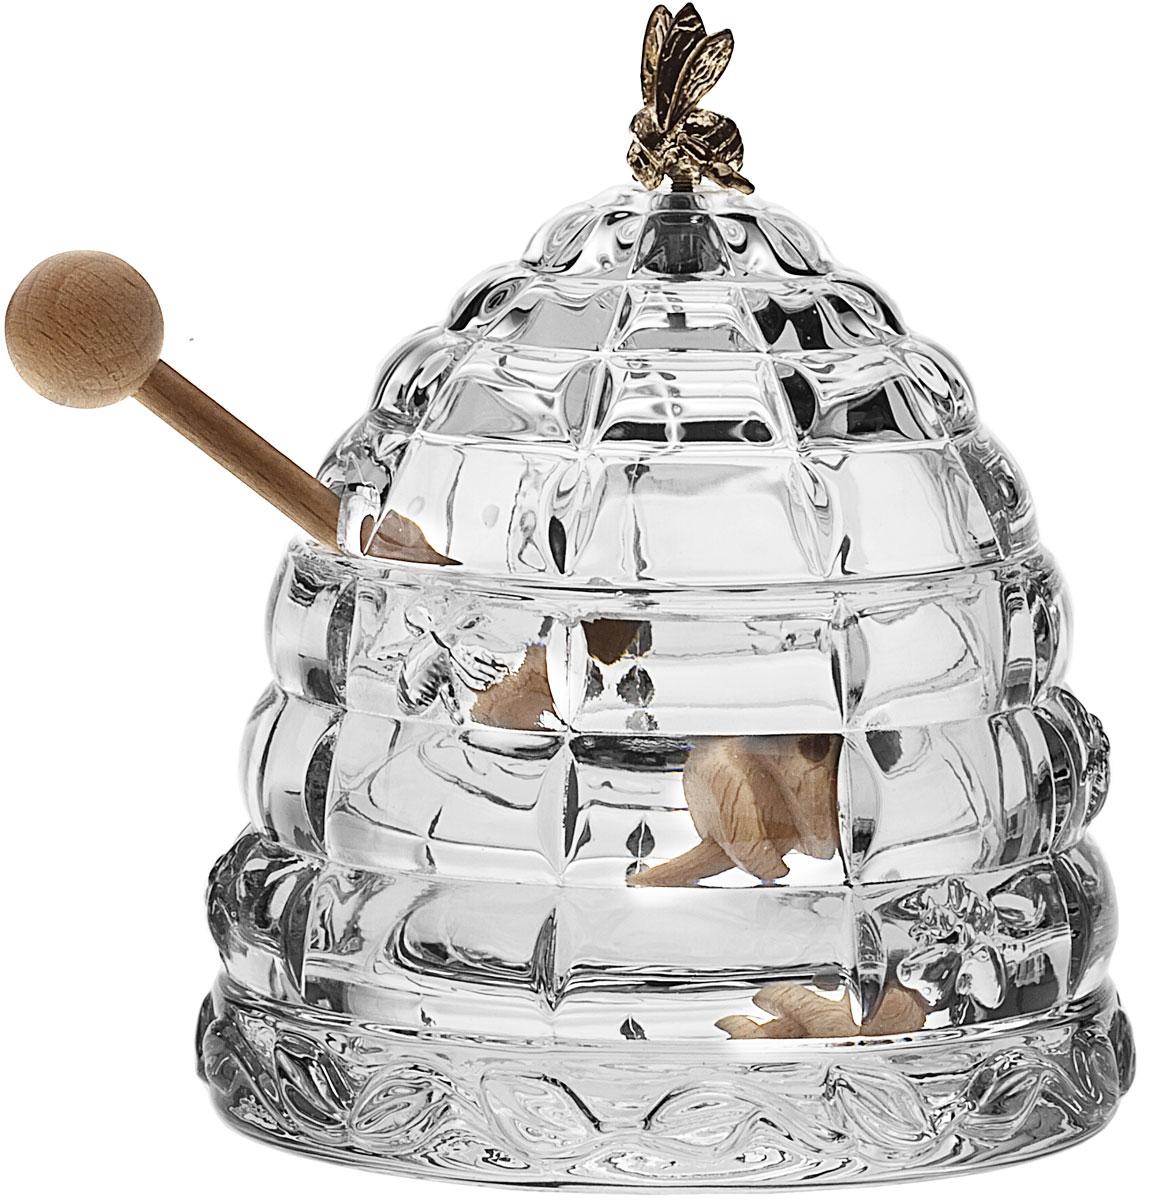 Доза для меда Crystal Bohemia Улей с пчелкой, с ложкой, 300 мл115510Доза для меда Crystal Bohemia Улей с пчелкой изготовлена из высококачественного хрусталя. Доза выполнена в форме улья и оснащена крышкой с металлической фигуркой пчелы. В комплекте - деревянная ложка для меда. Изделие прекрасно впишется в интерьер вашего дома и станет достойным дополнением к кухонному инвентарю. Доза подчеркнет прекрасный вкус хозяйки и станет отличным подарком.Размер дозы (без учета крышки): 11 см х 11 см х 7,5 см. Длина ложечки: 15 см.Объем дозы: 300 мл.